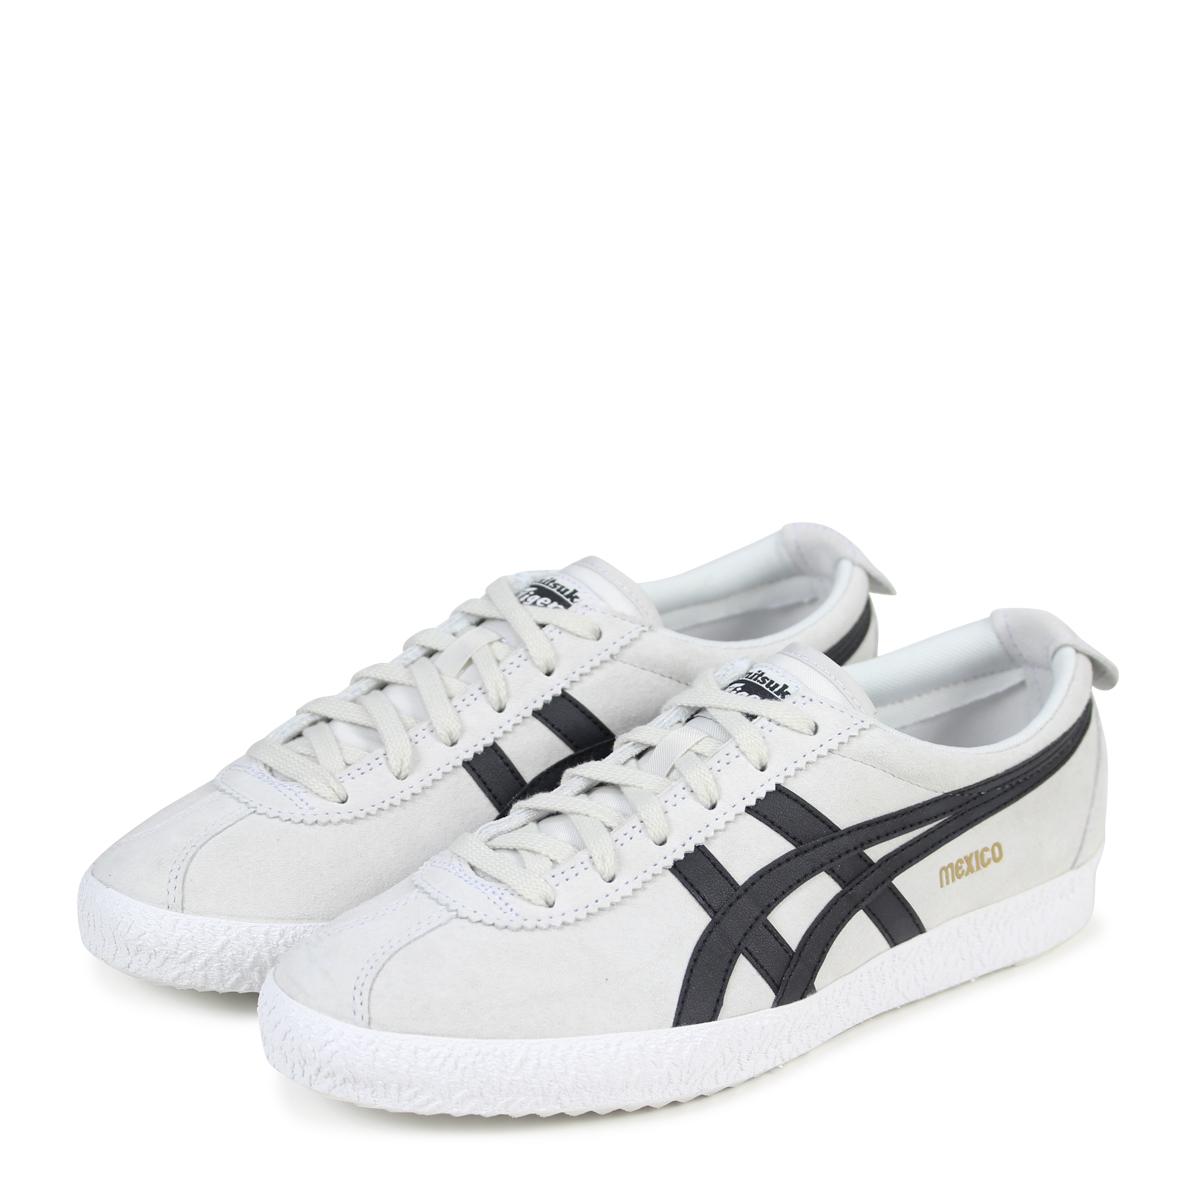 separation shoes bd94d 5d12d Onitsuka Tiger MEXICO DELEGATION Onitsuka tiger Mexico men gap Dis sneakers  D6E7L-9090 gray [184]